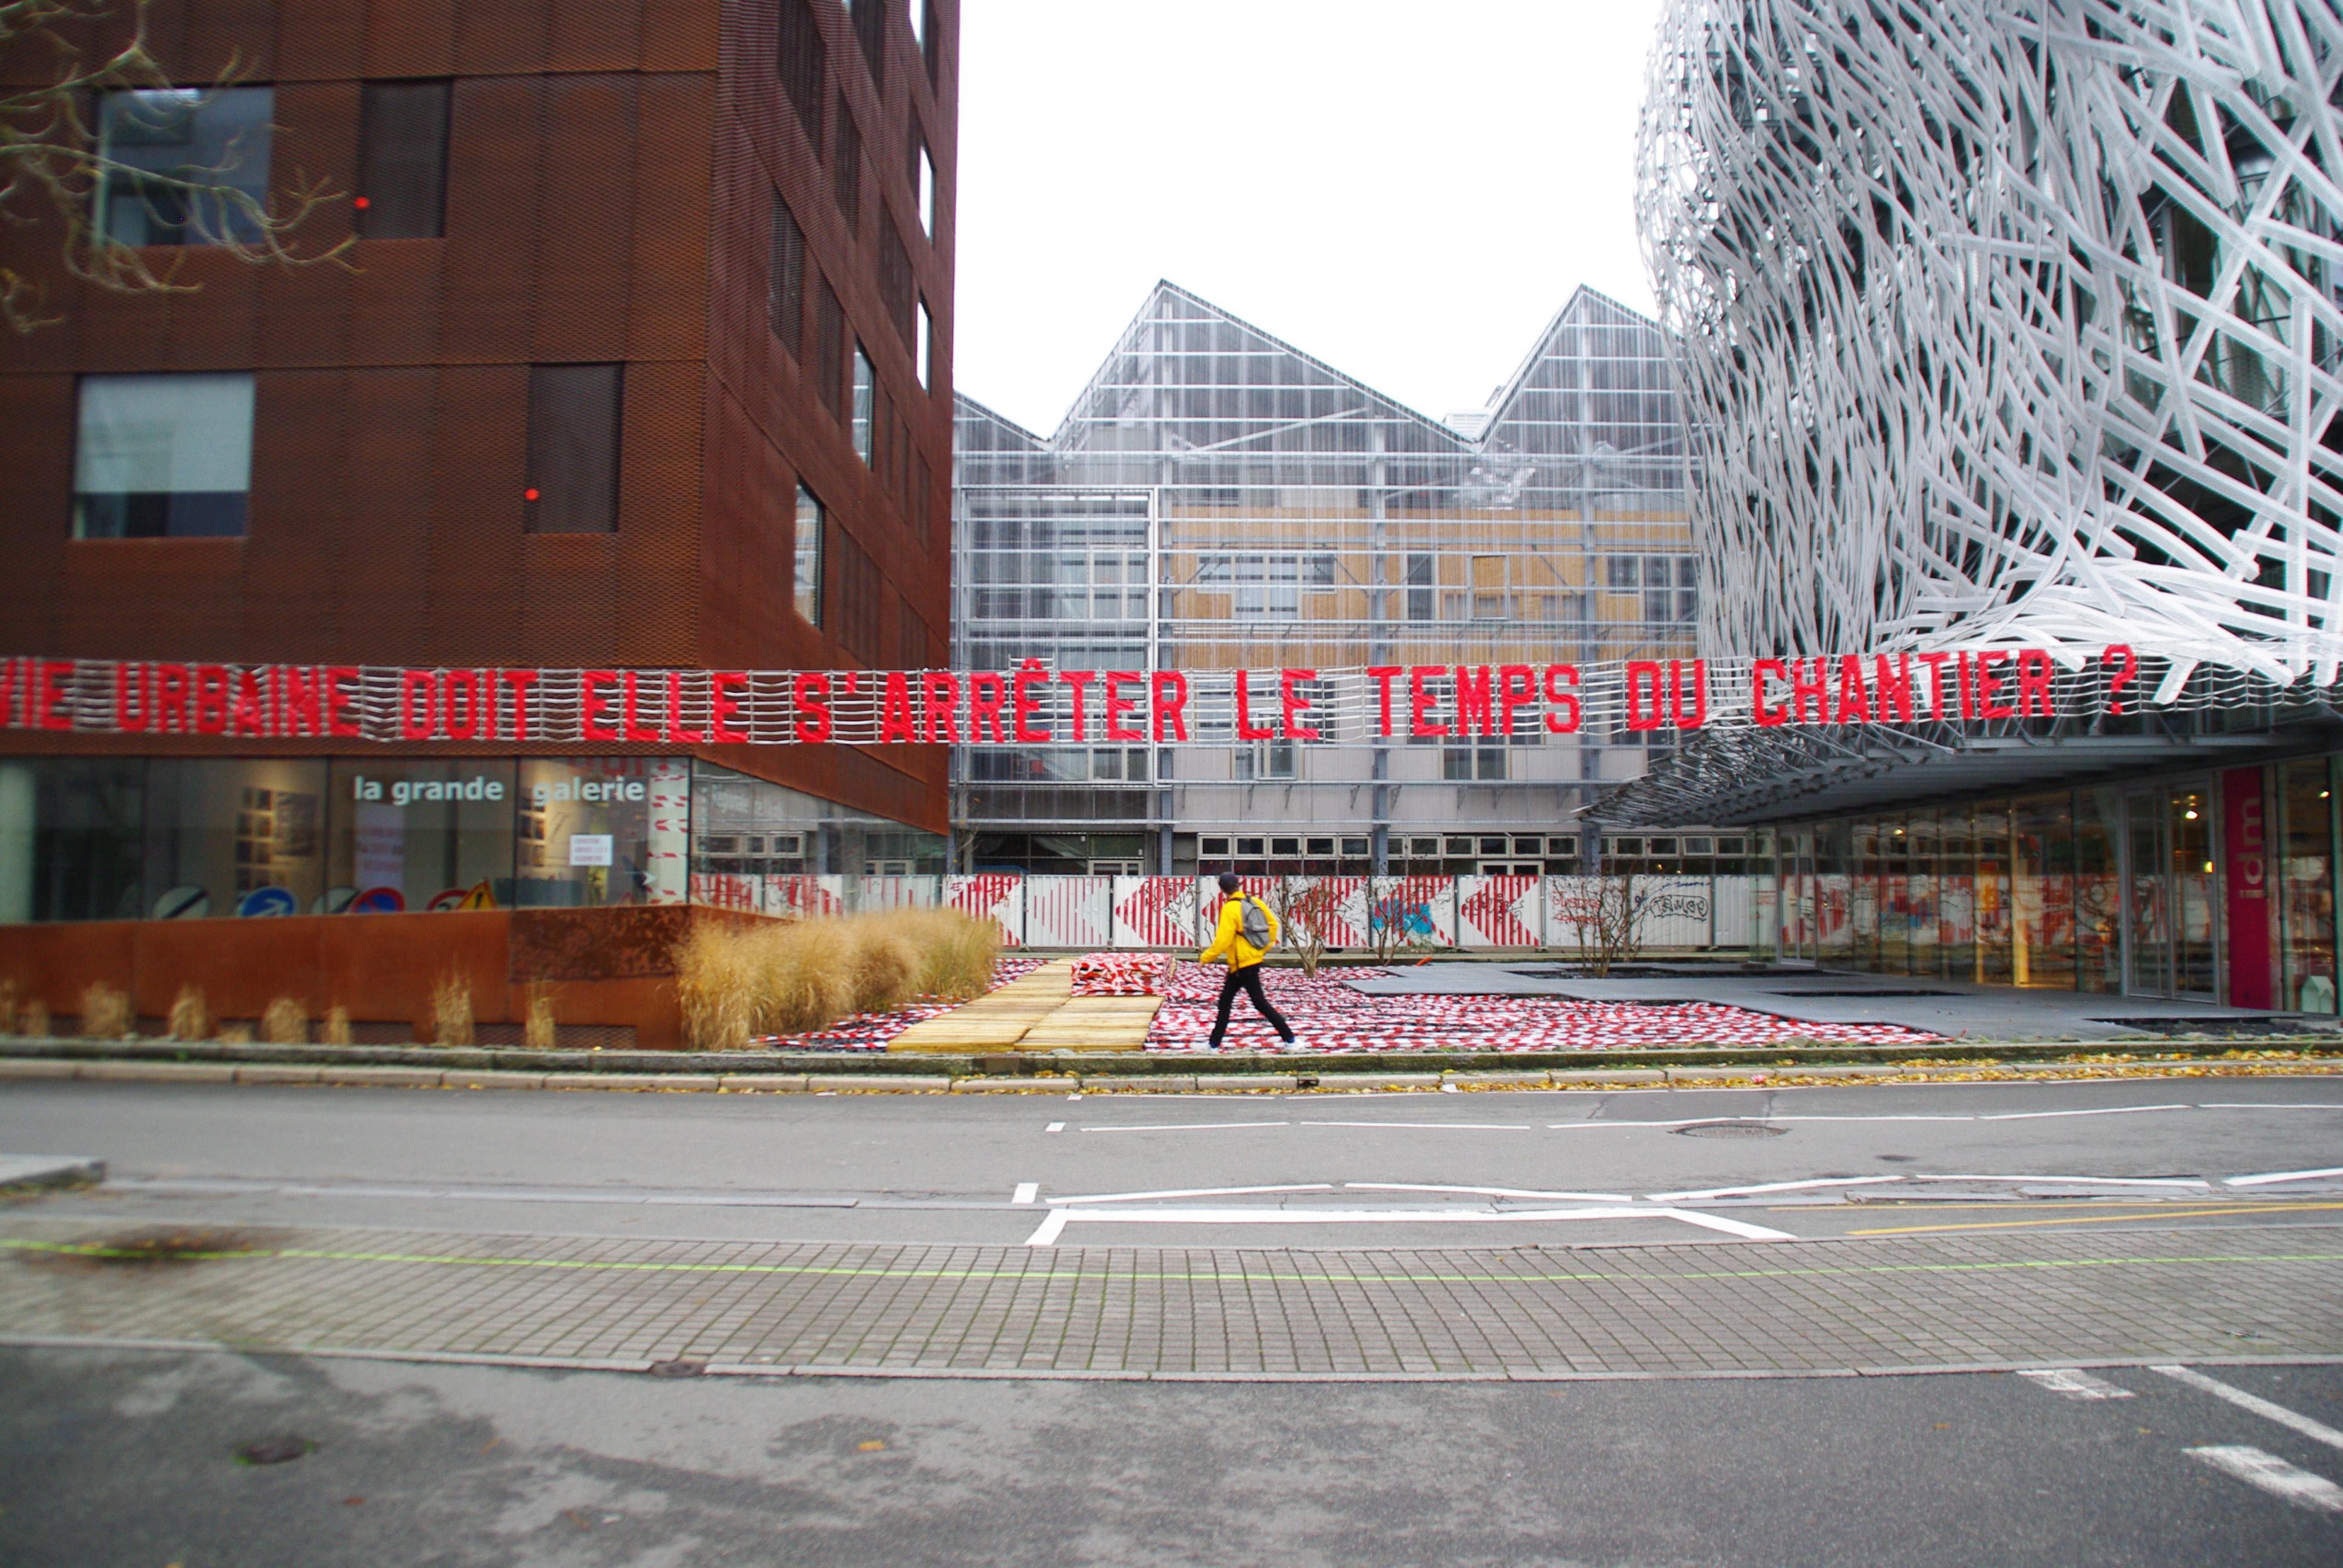 La vie urbaine le temps du chantier